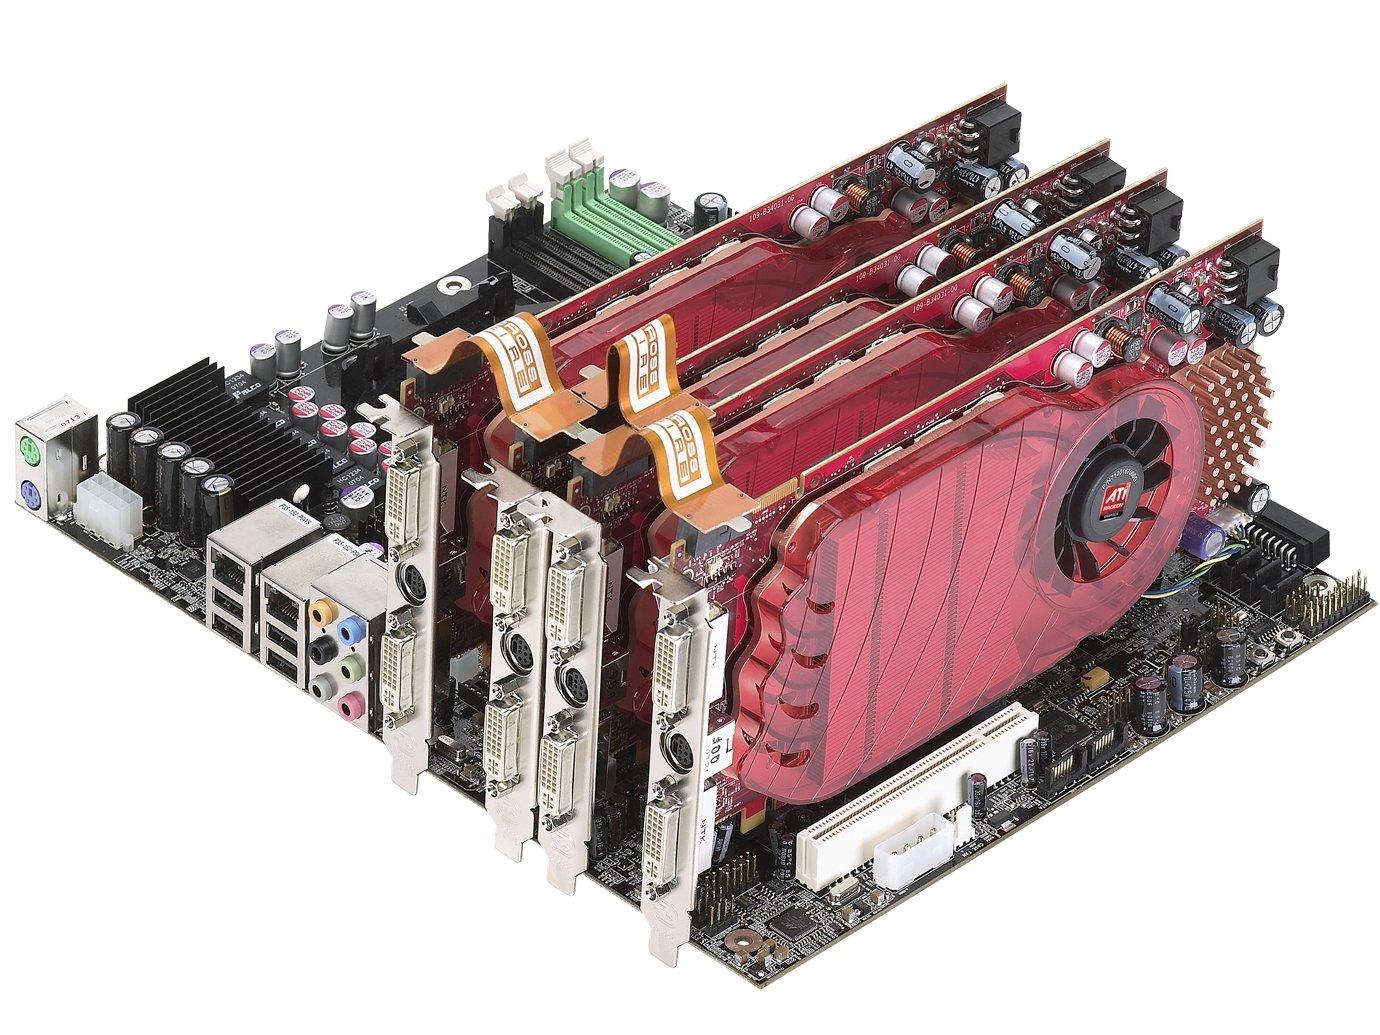 AMD 790 FX chipset review | TechRadar